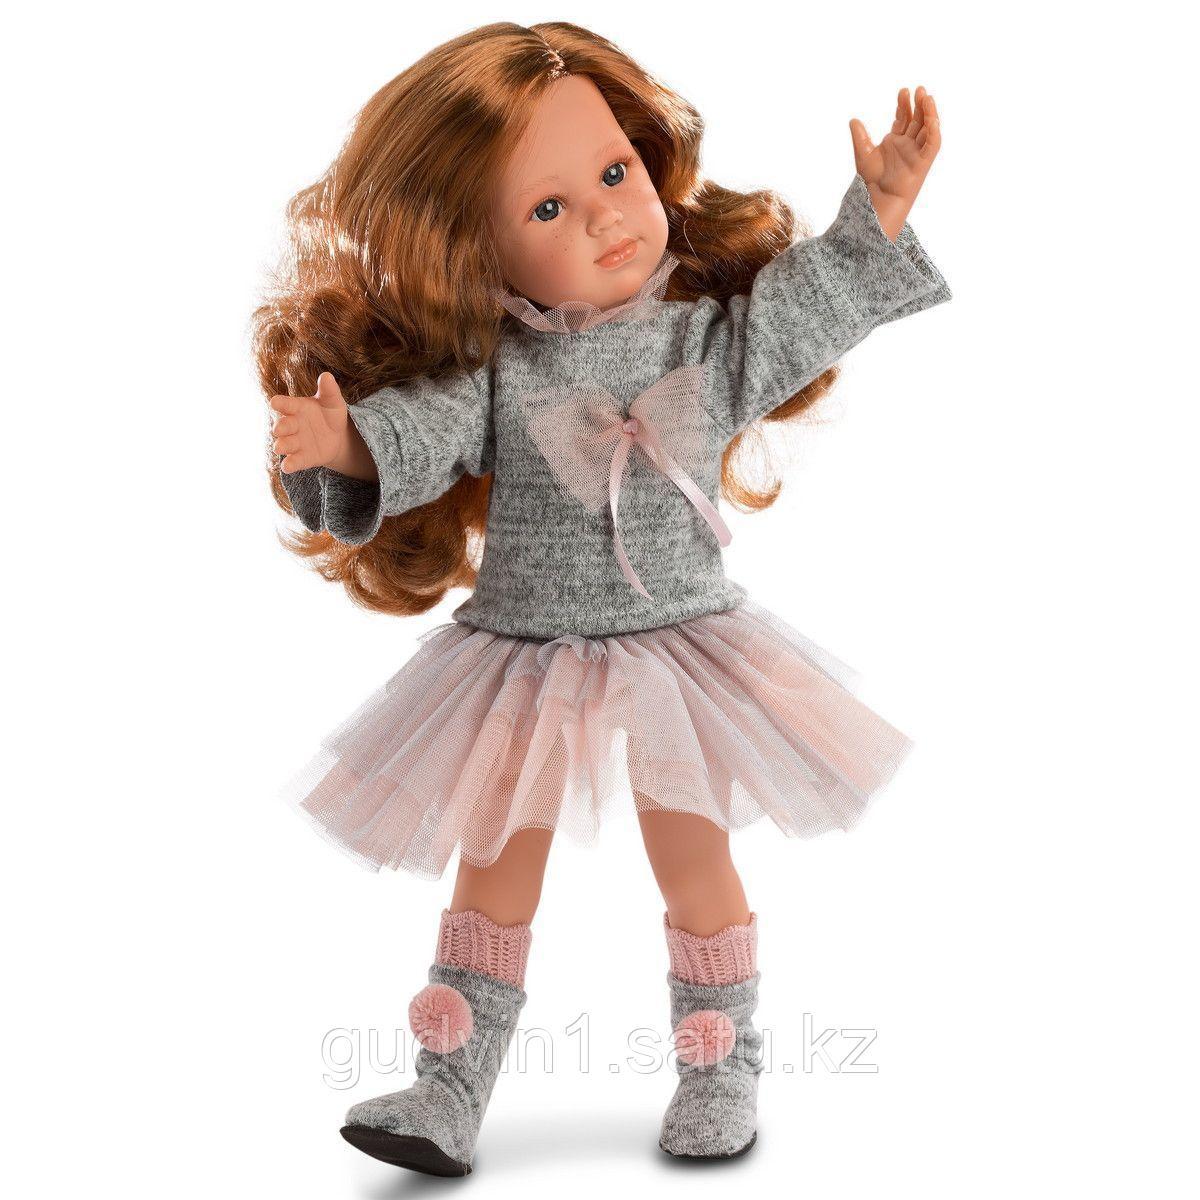 LLORENS: Кукла София 42см, брюнетка в розовой курточке 54206